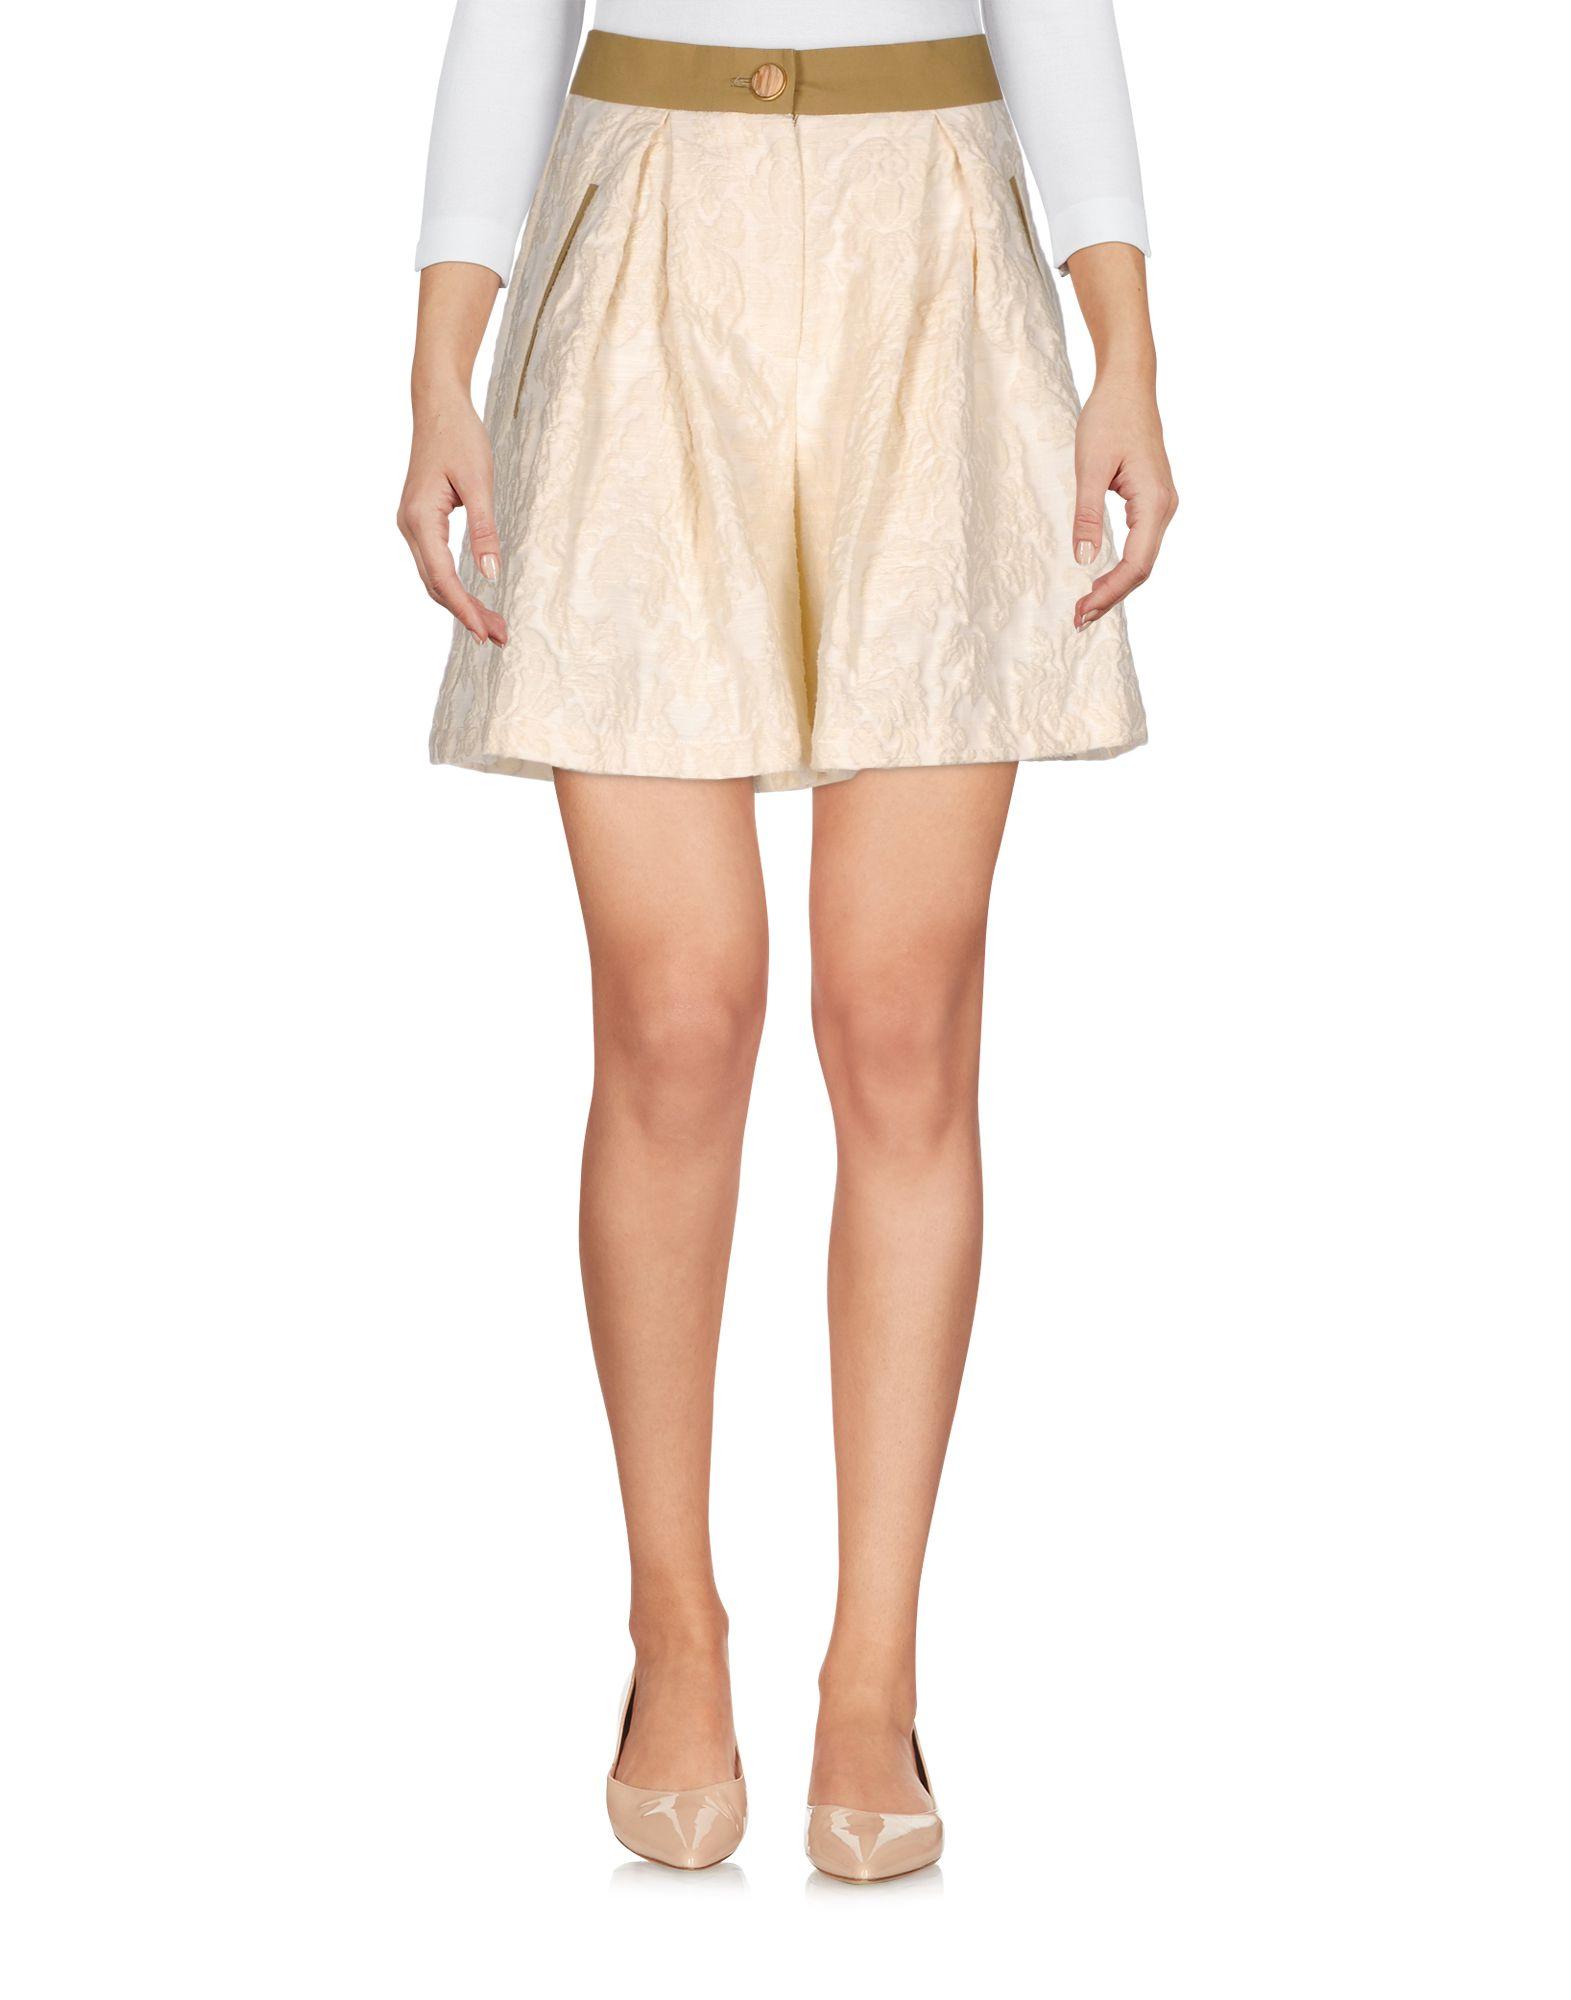 Pantalone Classico Walk Of Shame Donna - Acquista online su NUJLEB